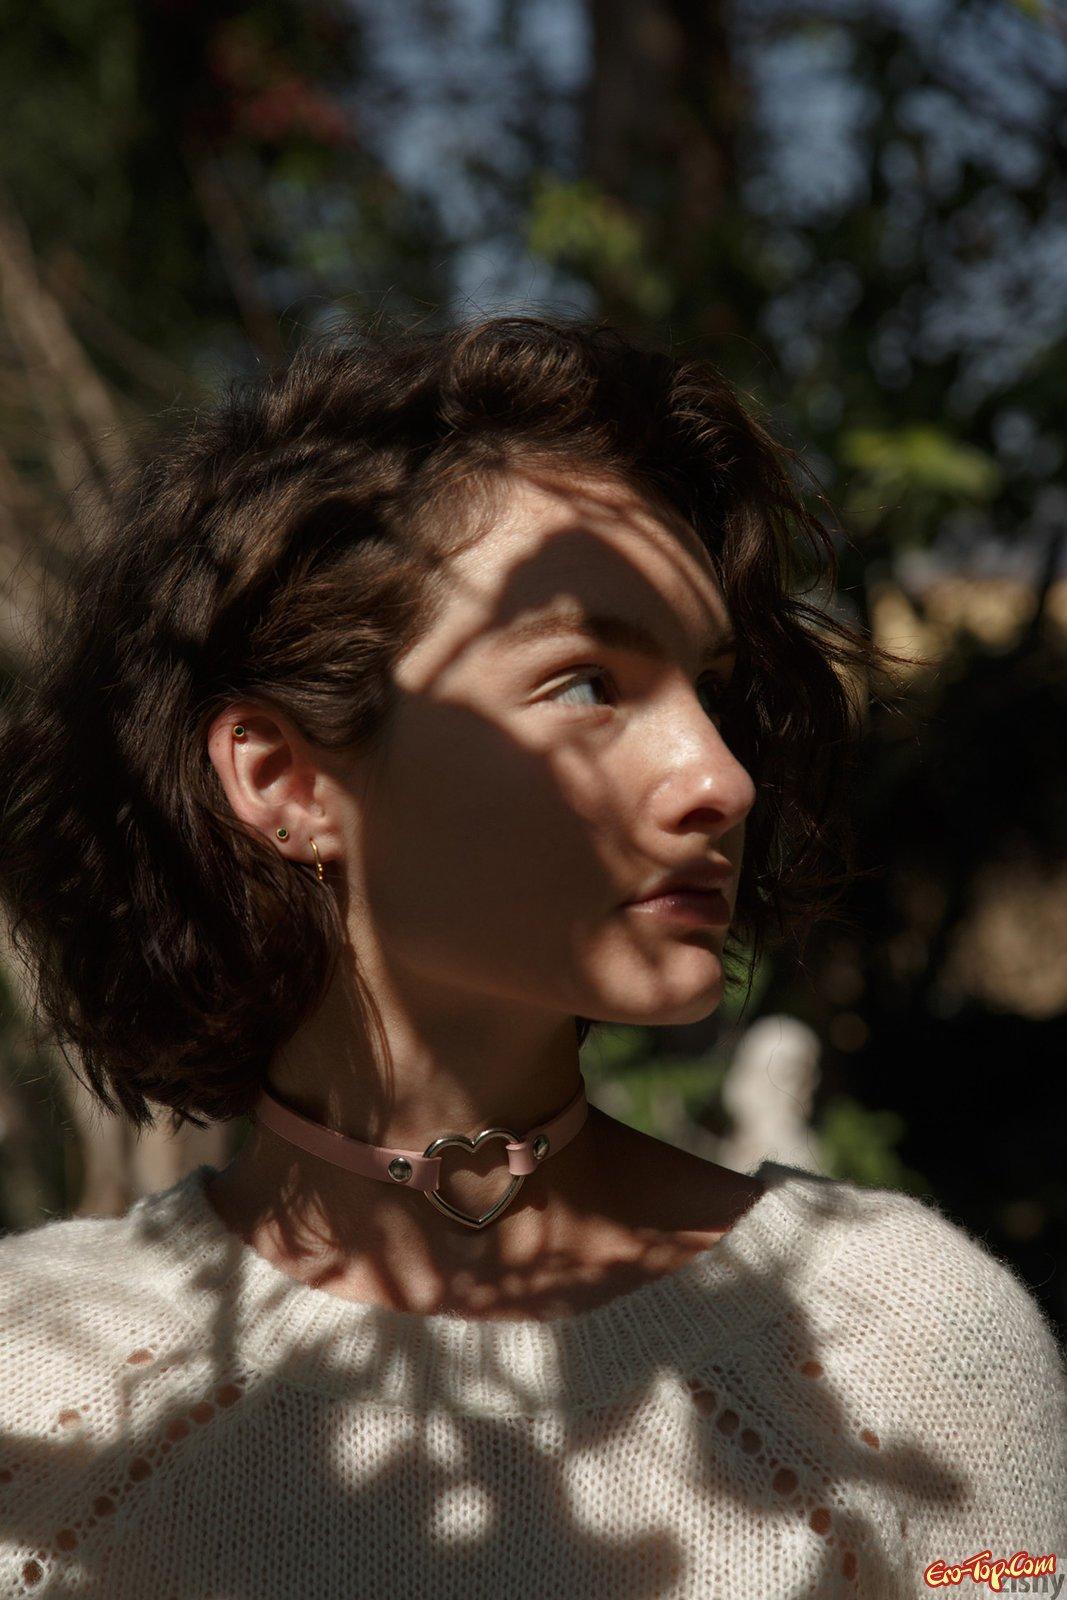 Изящная Молодая девушка в лосинах в общественном месте смотреть эротику